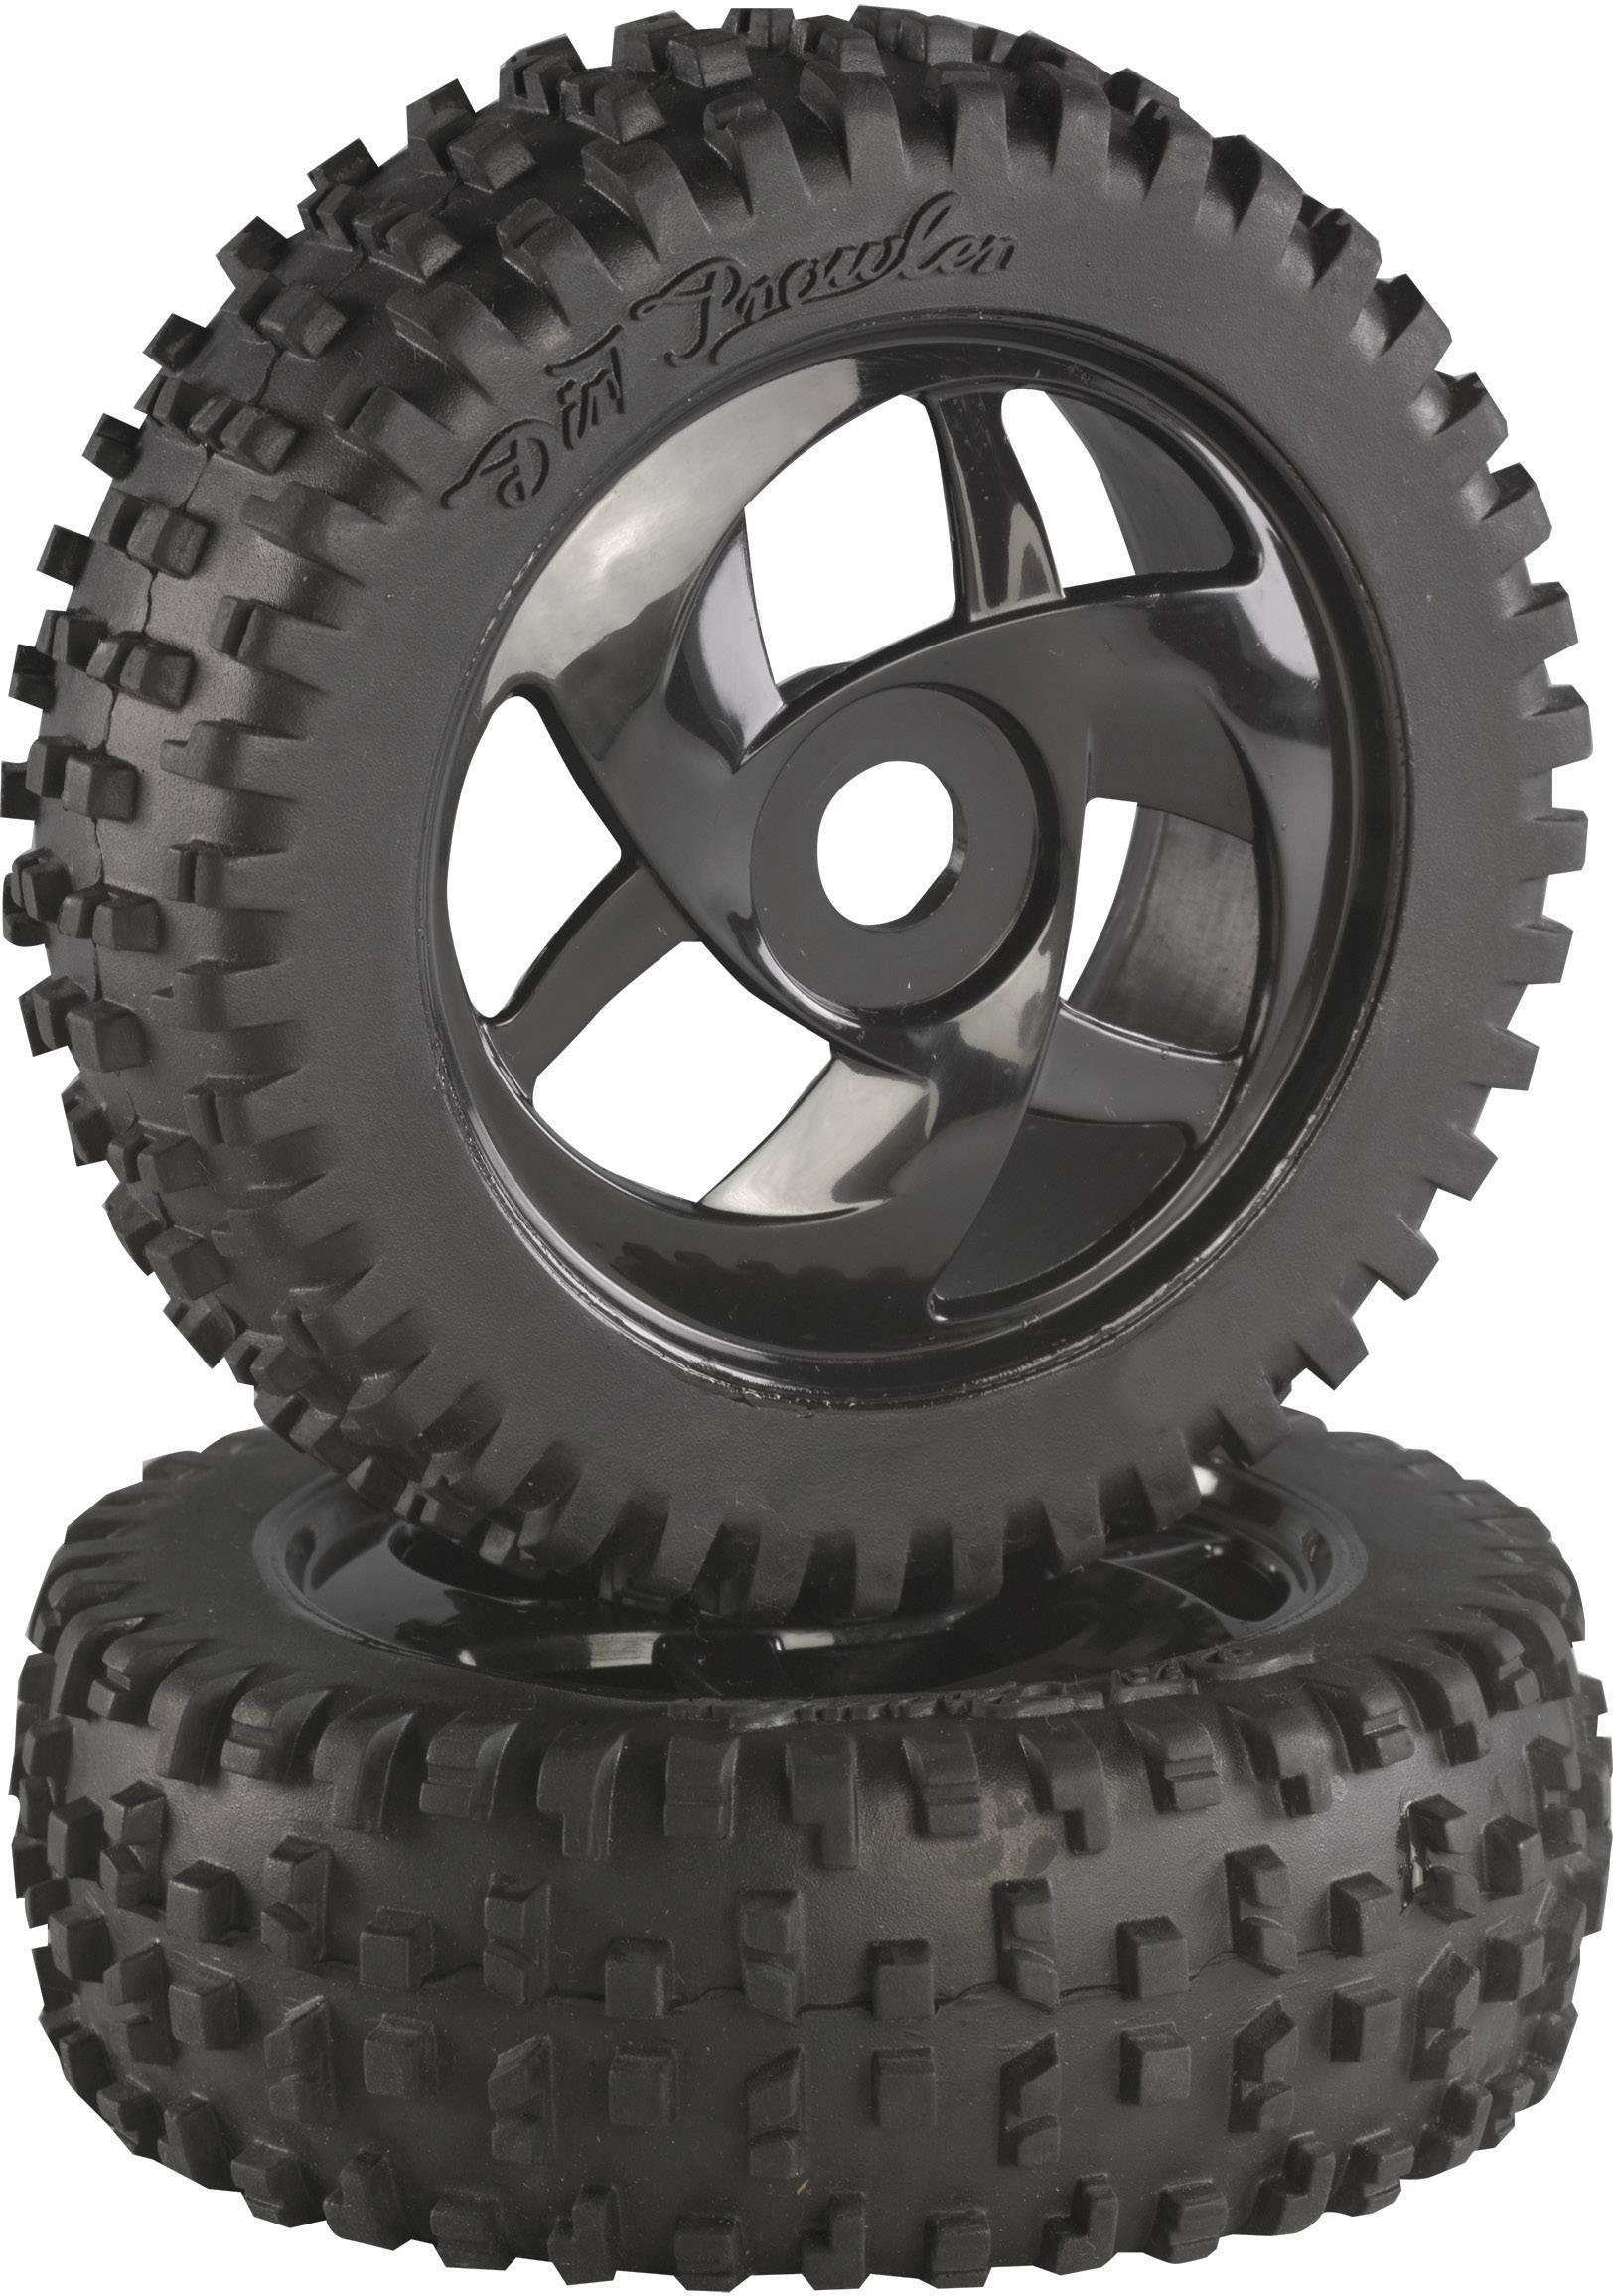 Kompletné kolesá Block-Spike Absima 2520014 pre buggy, 112 mm, 1:8, 2 ks, čierna